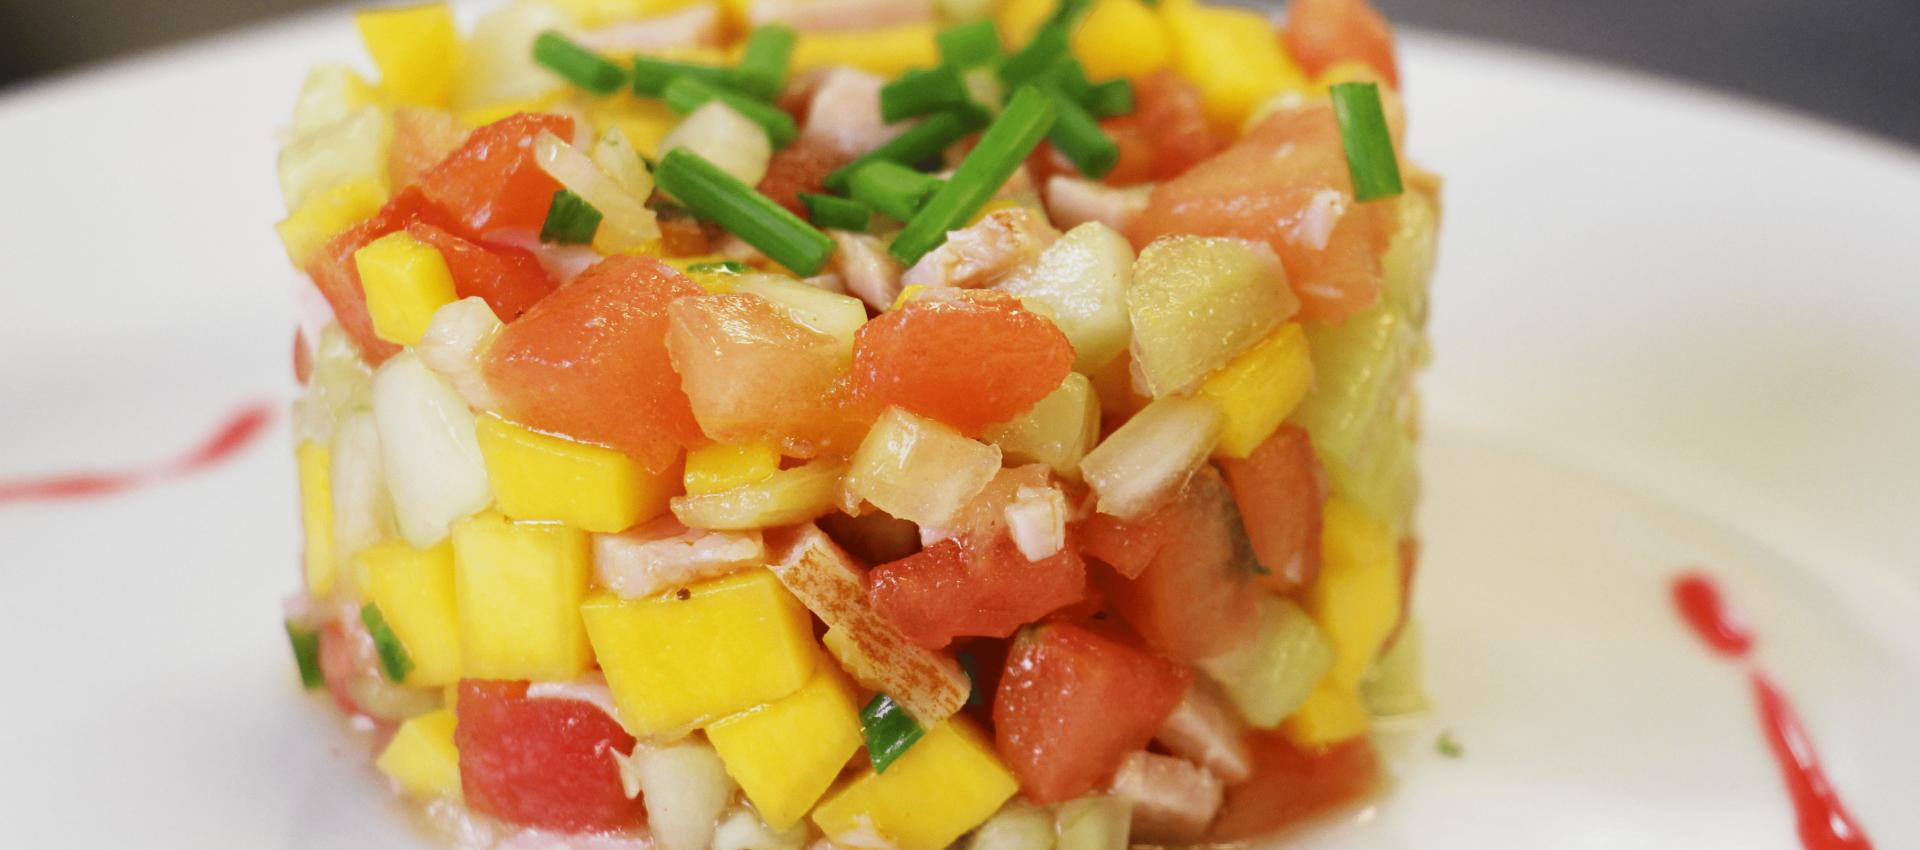 Tartare de rôti de porc à la tomate, concombre et mangue